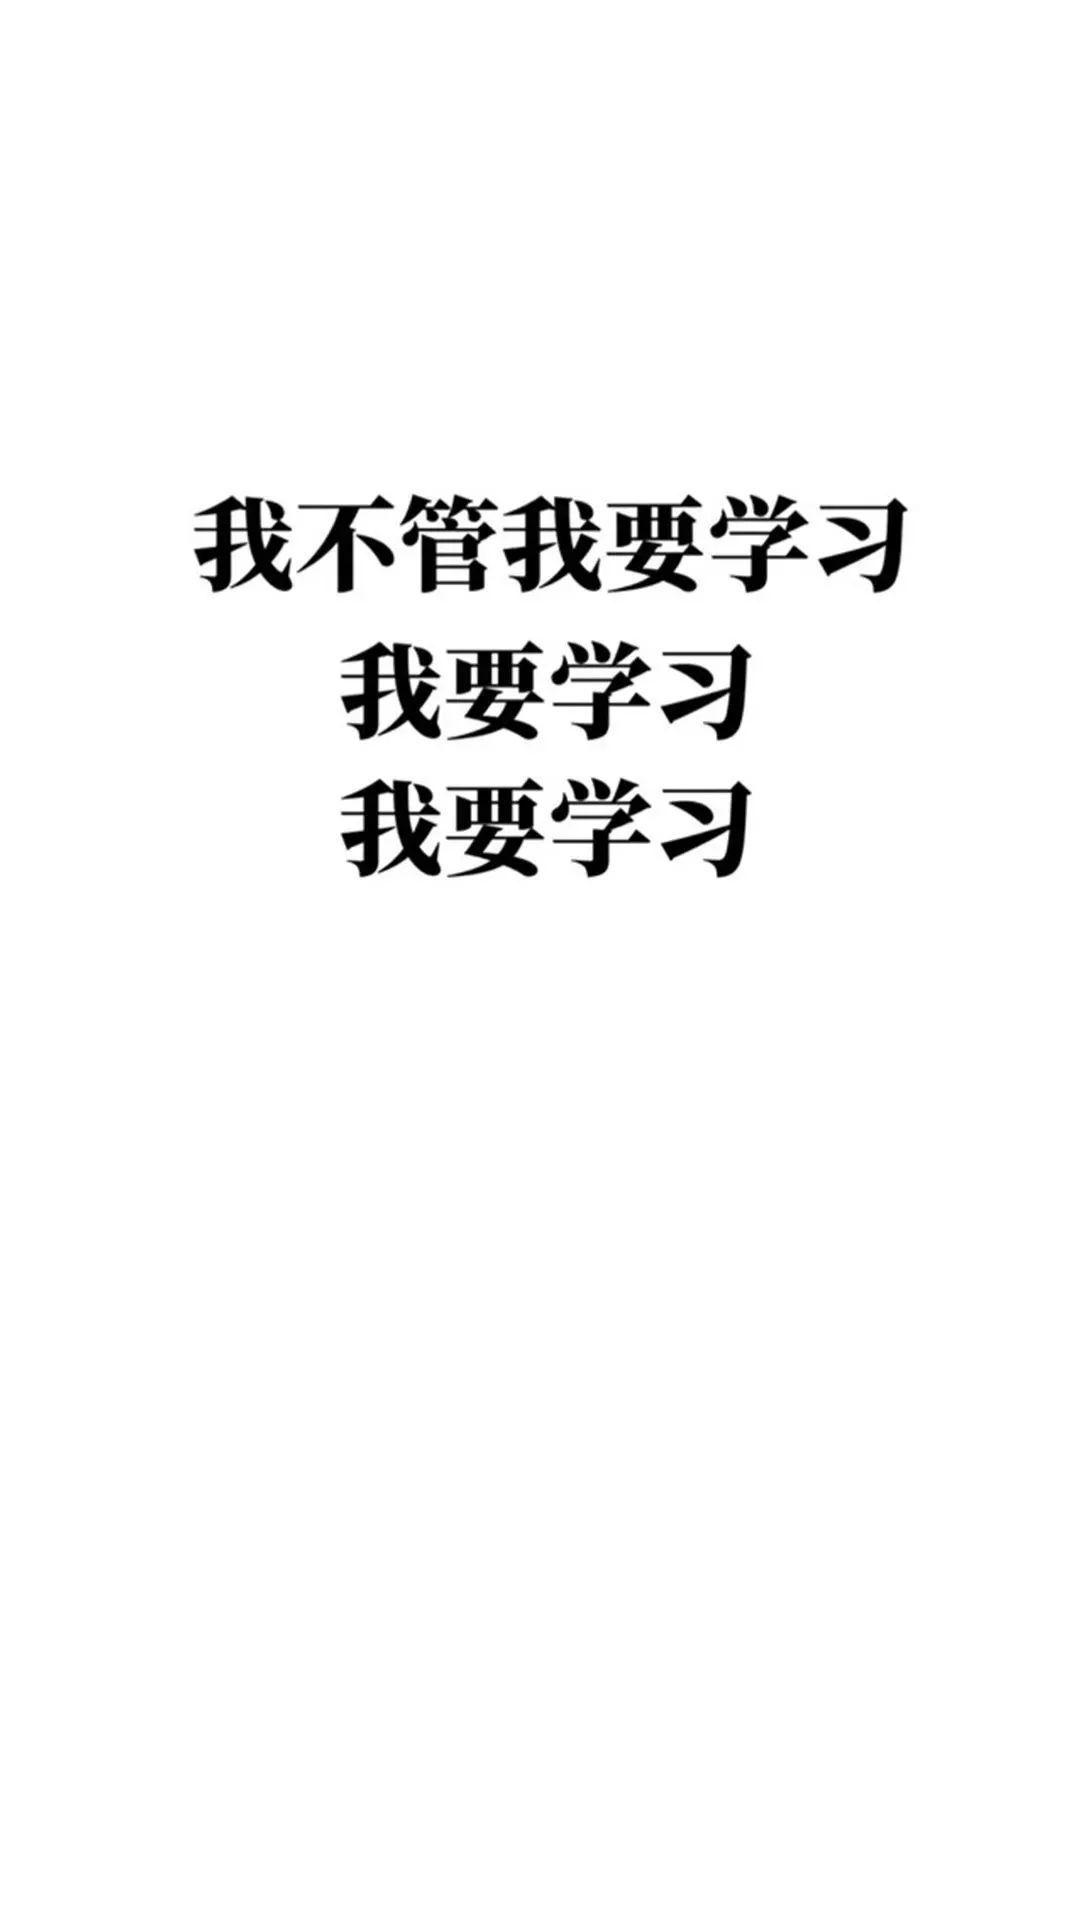 银川家教李教员